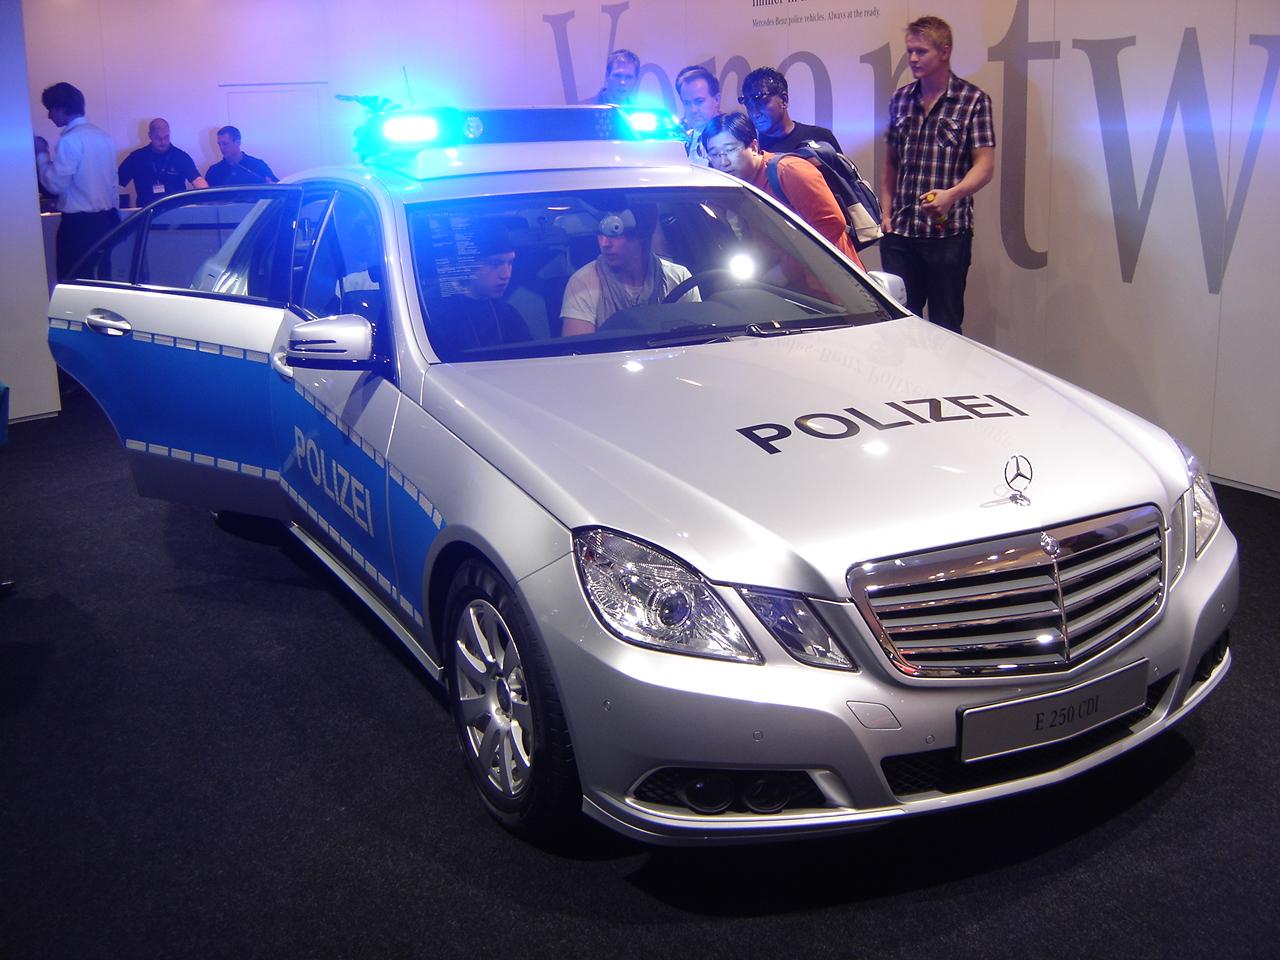 A new Mercedes-Benz E-Class in